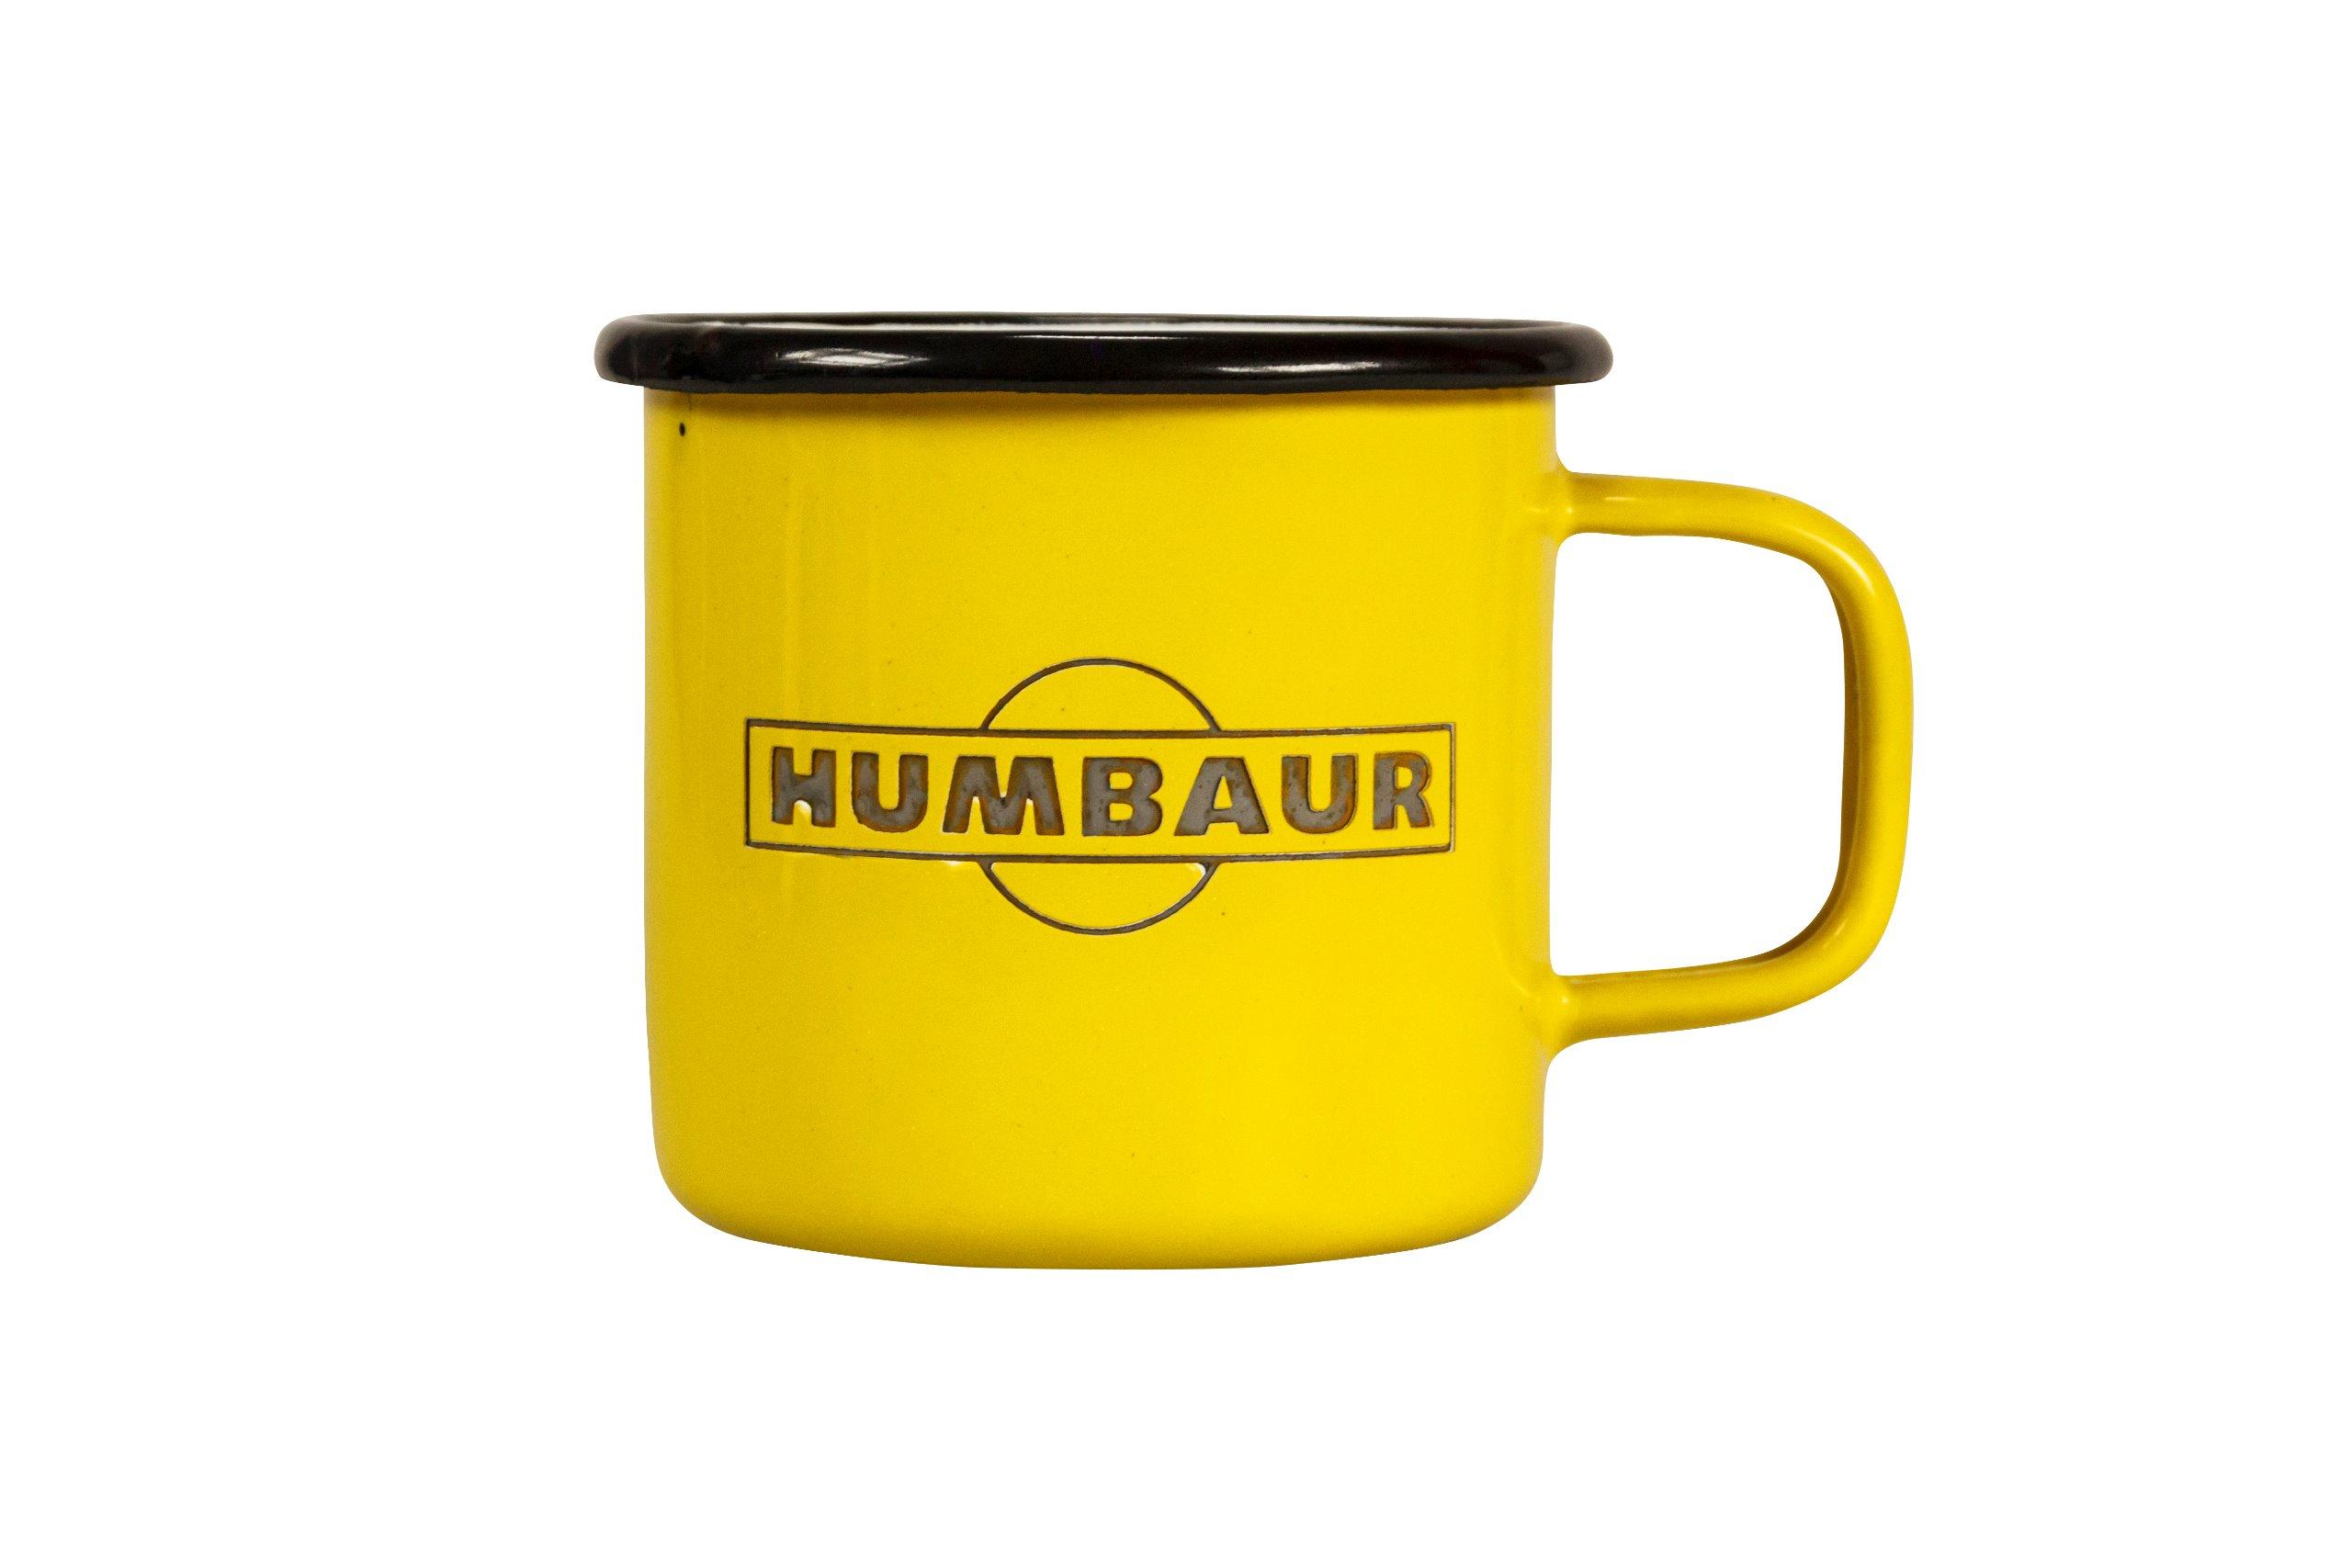 gelbes kuchendesign logos, schlafzimmerwand rot. kopfkissen waschen ohne trockner hülsta, Design ideen